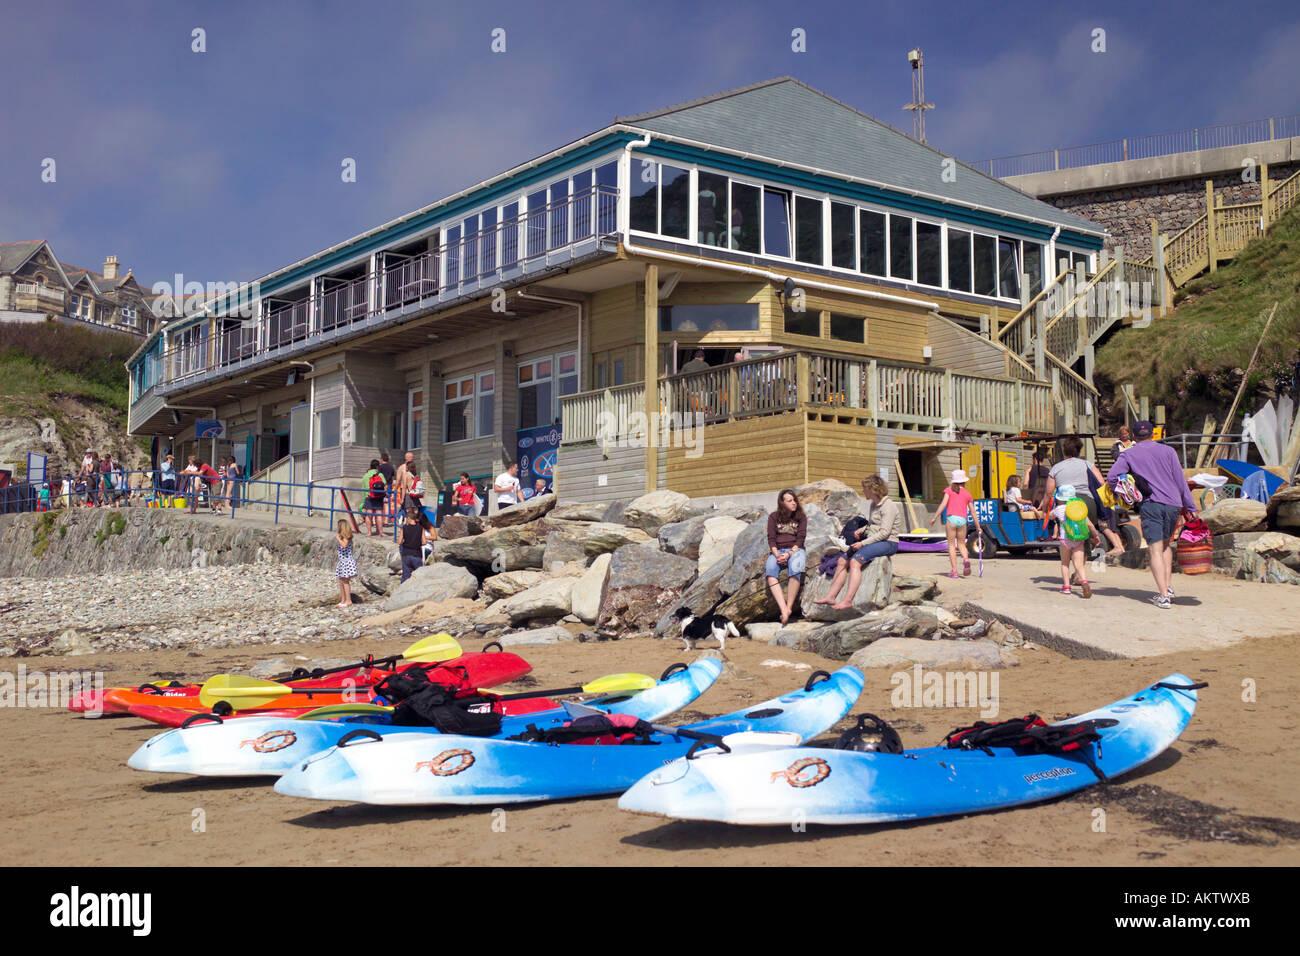 Jamie Oliver's restaurant quince Cornwall, en la playa, Watergate Bay, TR84AA Vista desde la playa Foto de stock